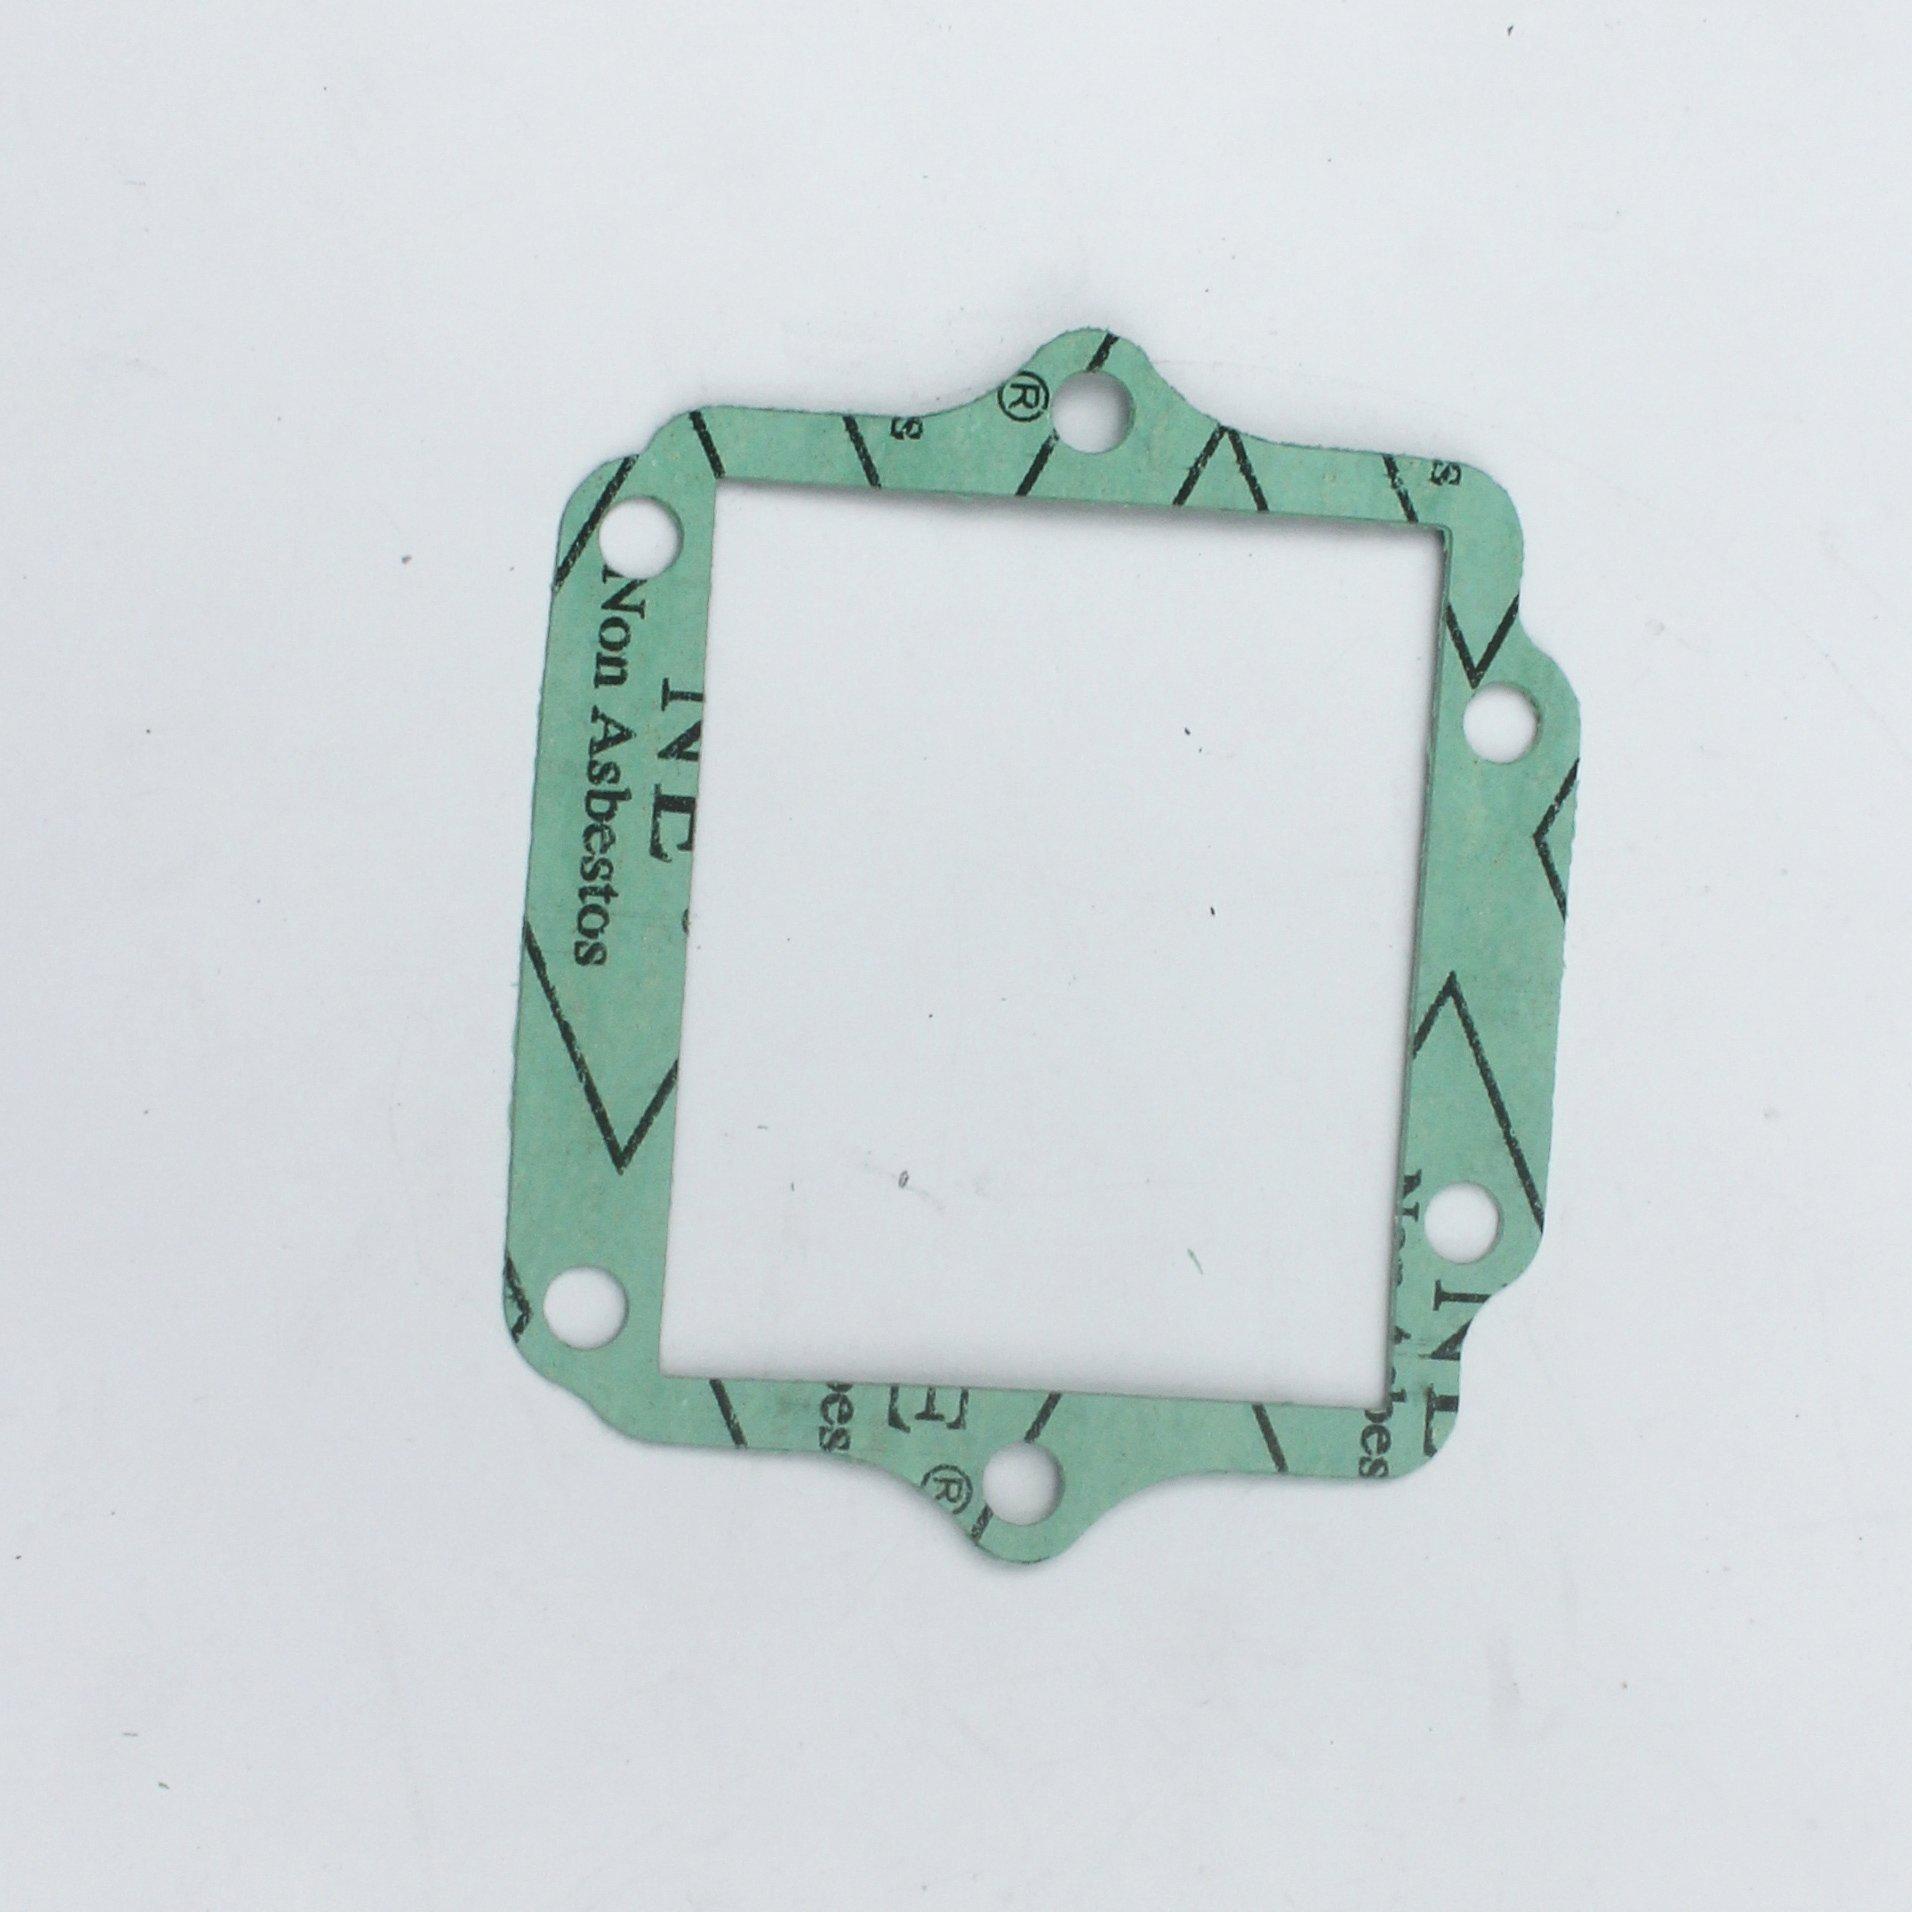 KIPA Top End Head Gasket Kit For POLARIS 400L Sport 400L Xplorer 400 4X4 Xpress 400 Sportsman 400 4X4 SCRAMBLER 400 2X4 4X4 ATV Asbestors-Free by KIPA (Image #4)